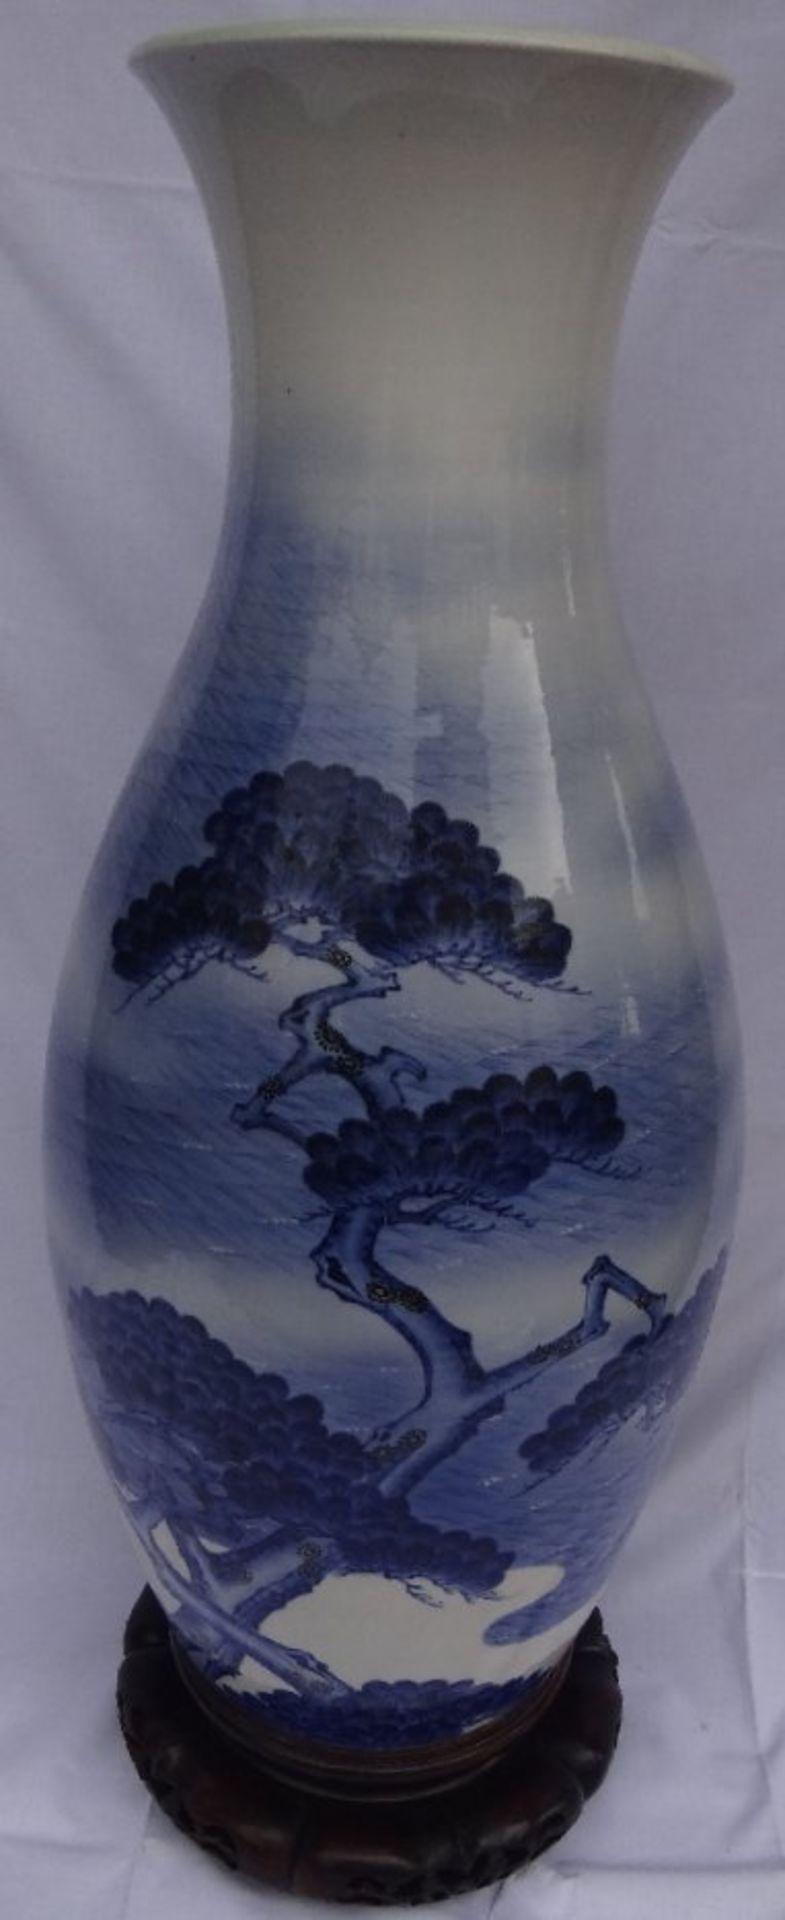 Los 1018 - hohe Bodenvase, China, Landschafts-Blaumalerei, wohl 19.Jhd., auf 2-teiligen Holzsockel, H-90 cm,